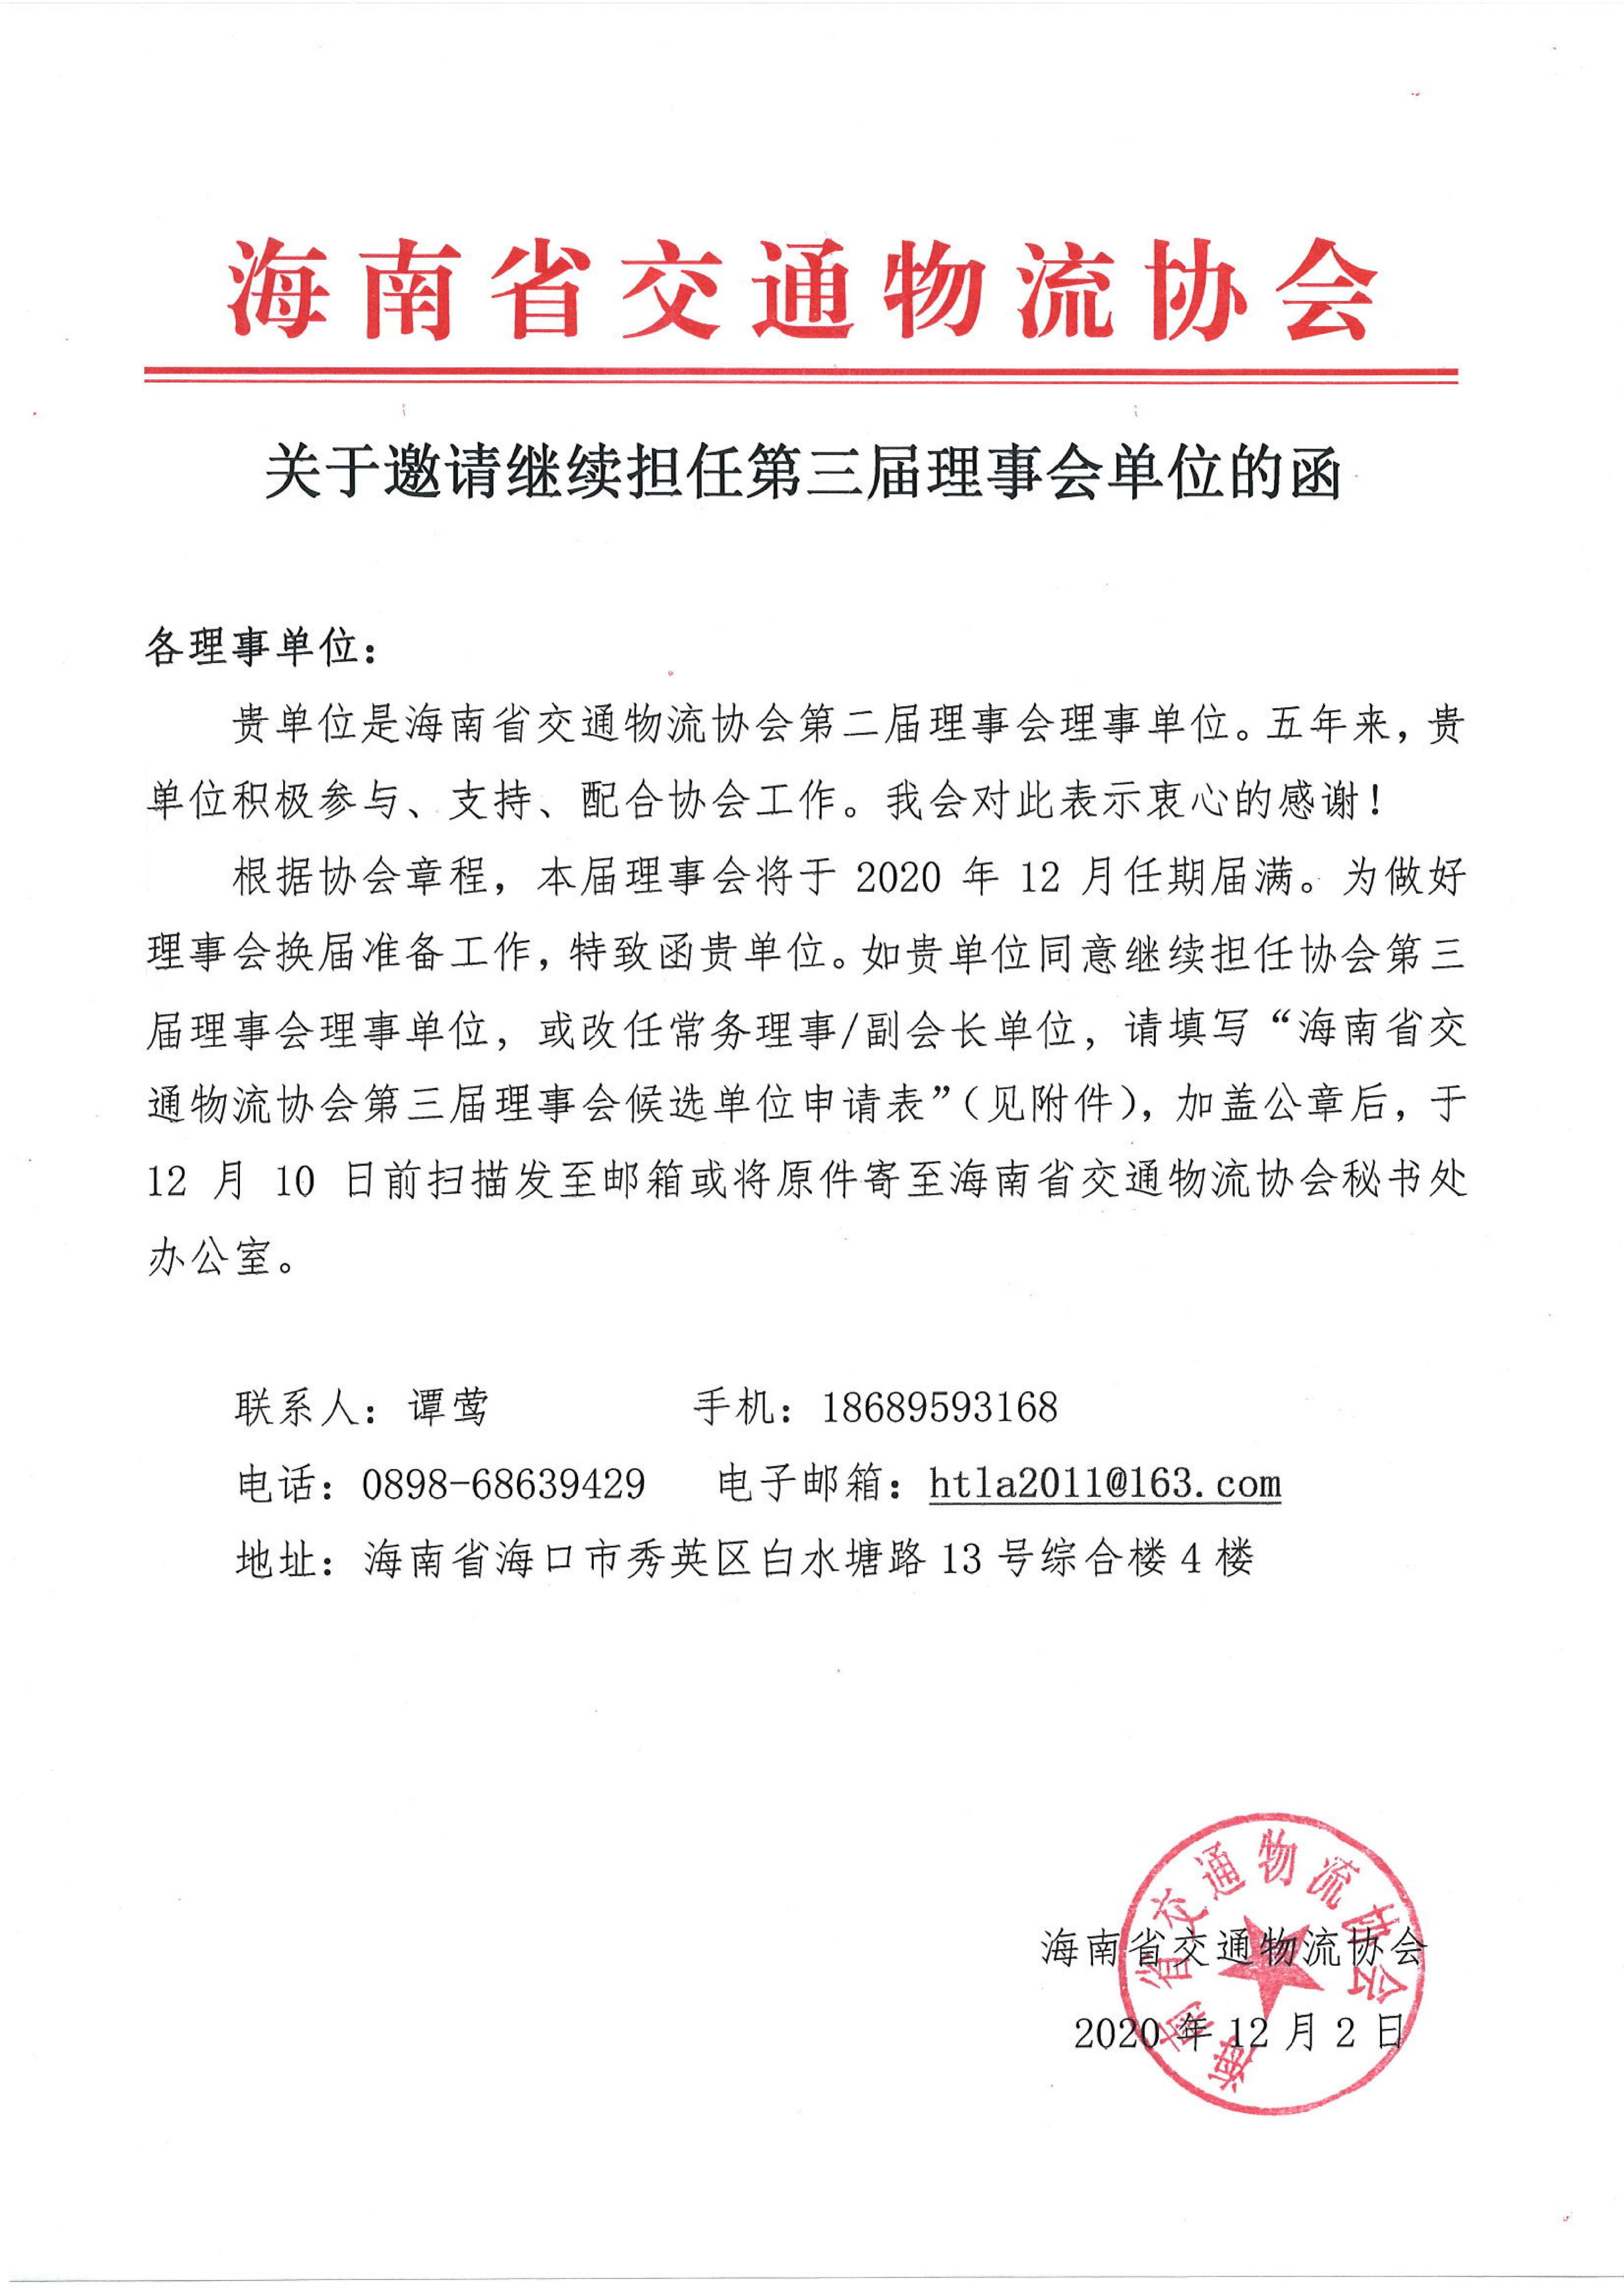 关于邀请继续担任第三届理事会单位的函_00.jpg